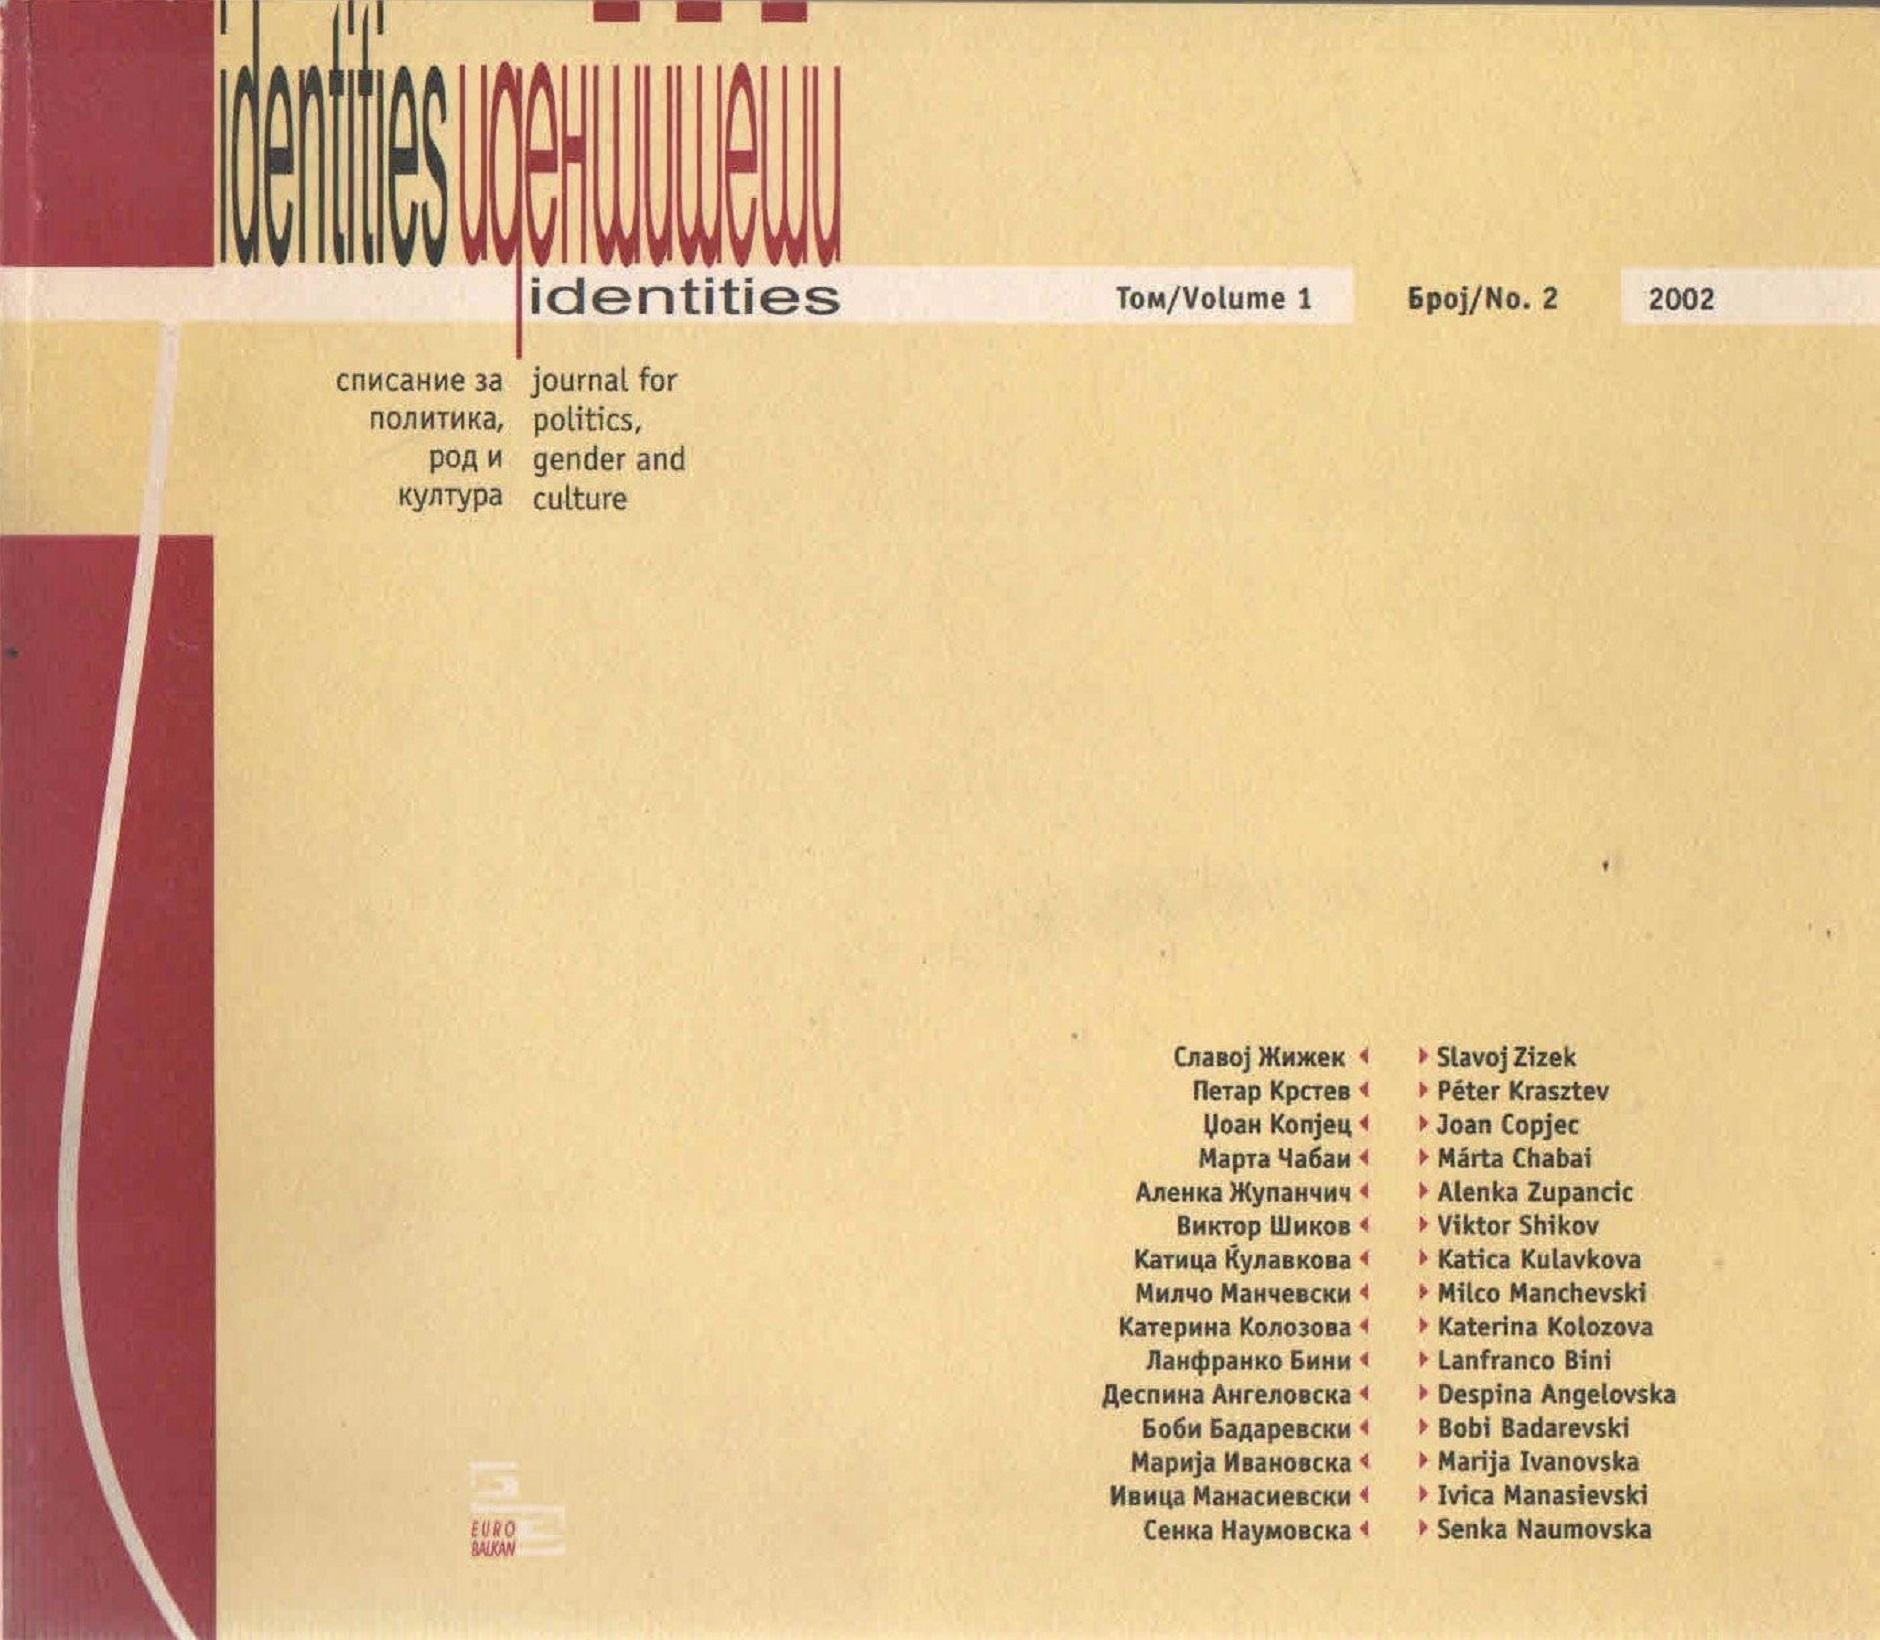 View Vol. 1 No. 2 (2002): Vol. 1, No. 2 (Winter 2002) - Issue No. 2